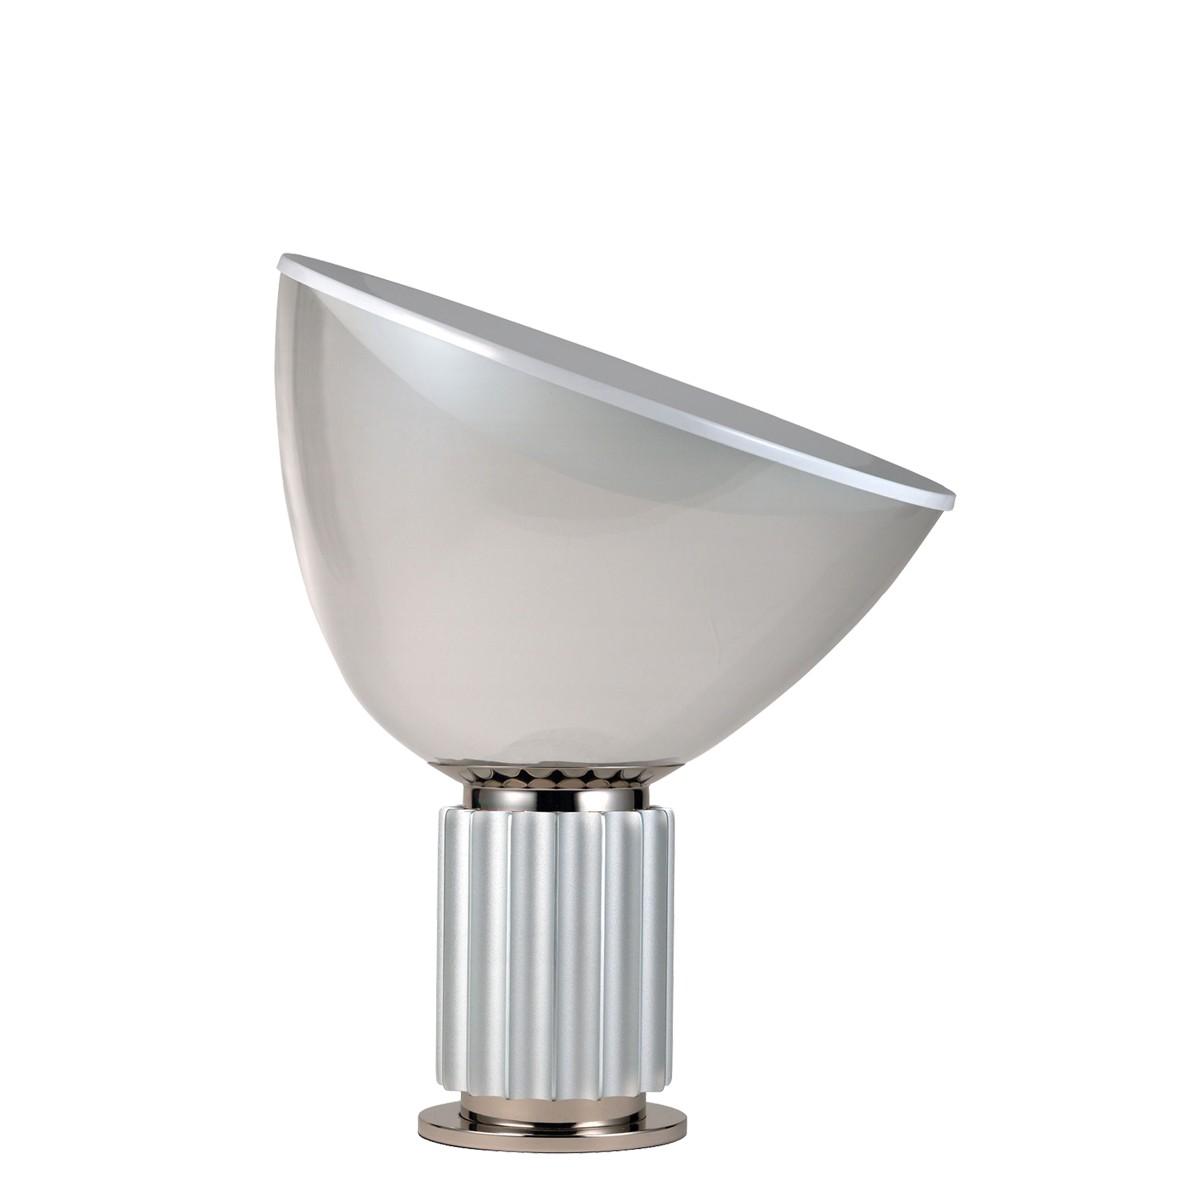 Flos Taccia Small Tischleuchte, Silber eloxiert